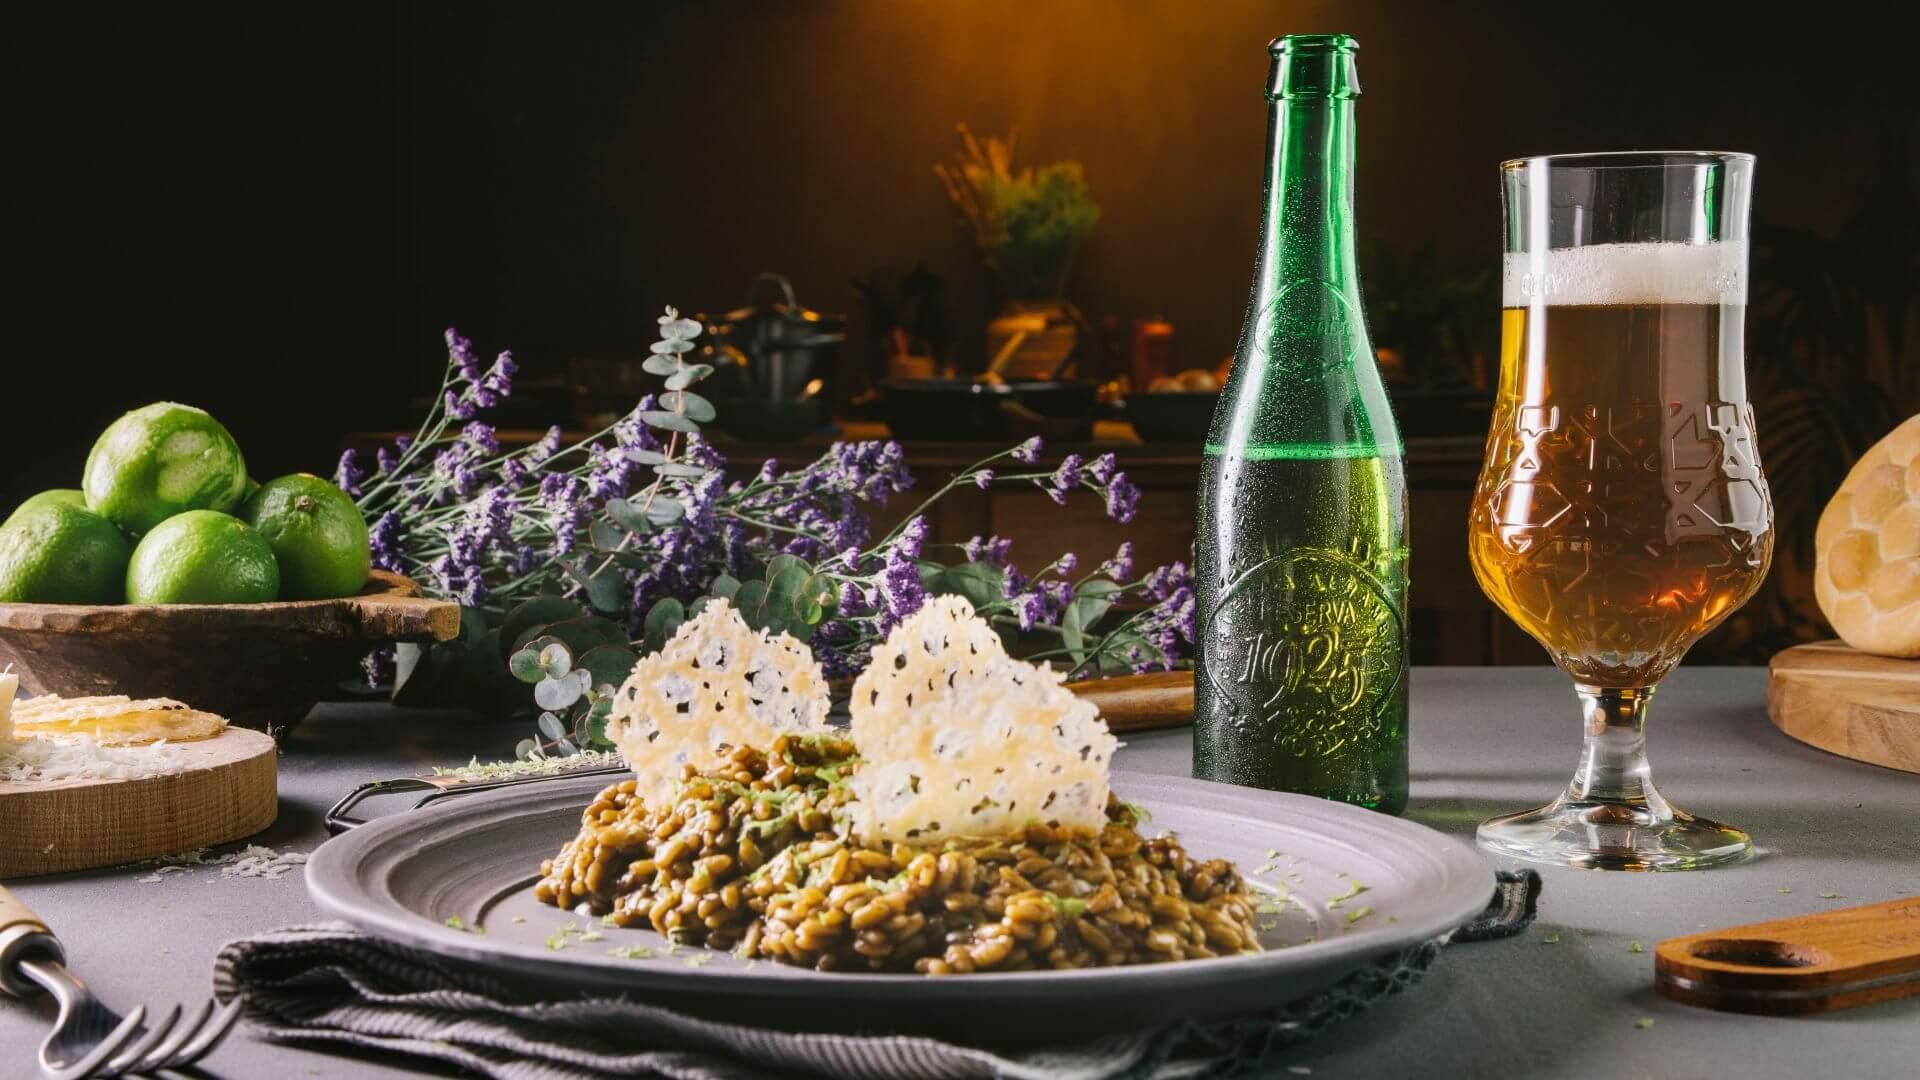 Risotto de ajo negro con crujiente de parmesano: un plato repleto de texturas y matices